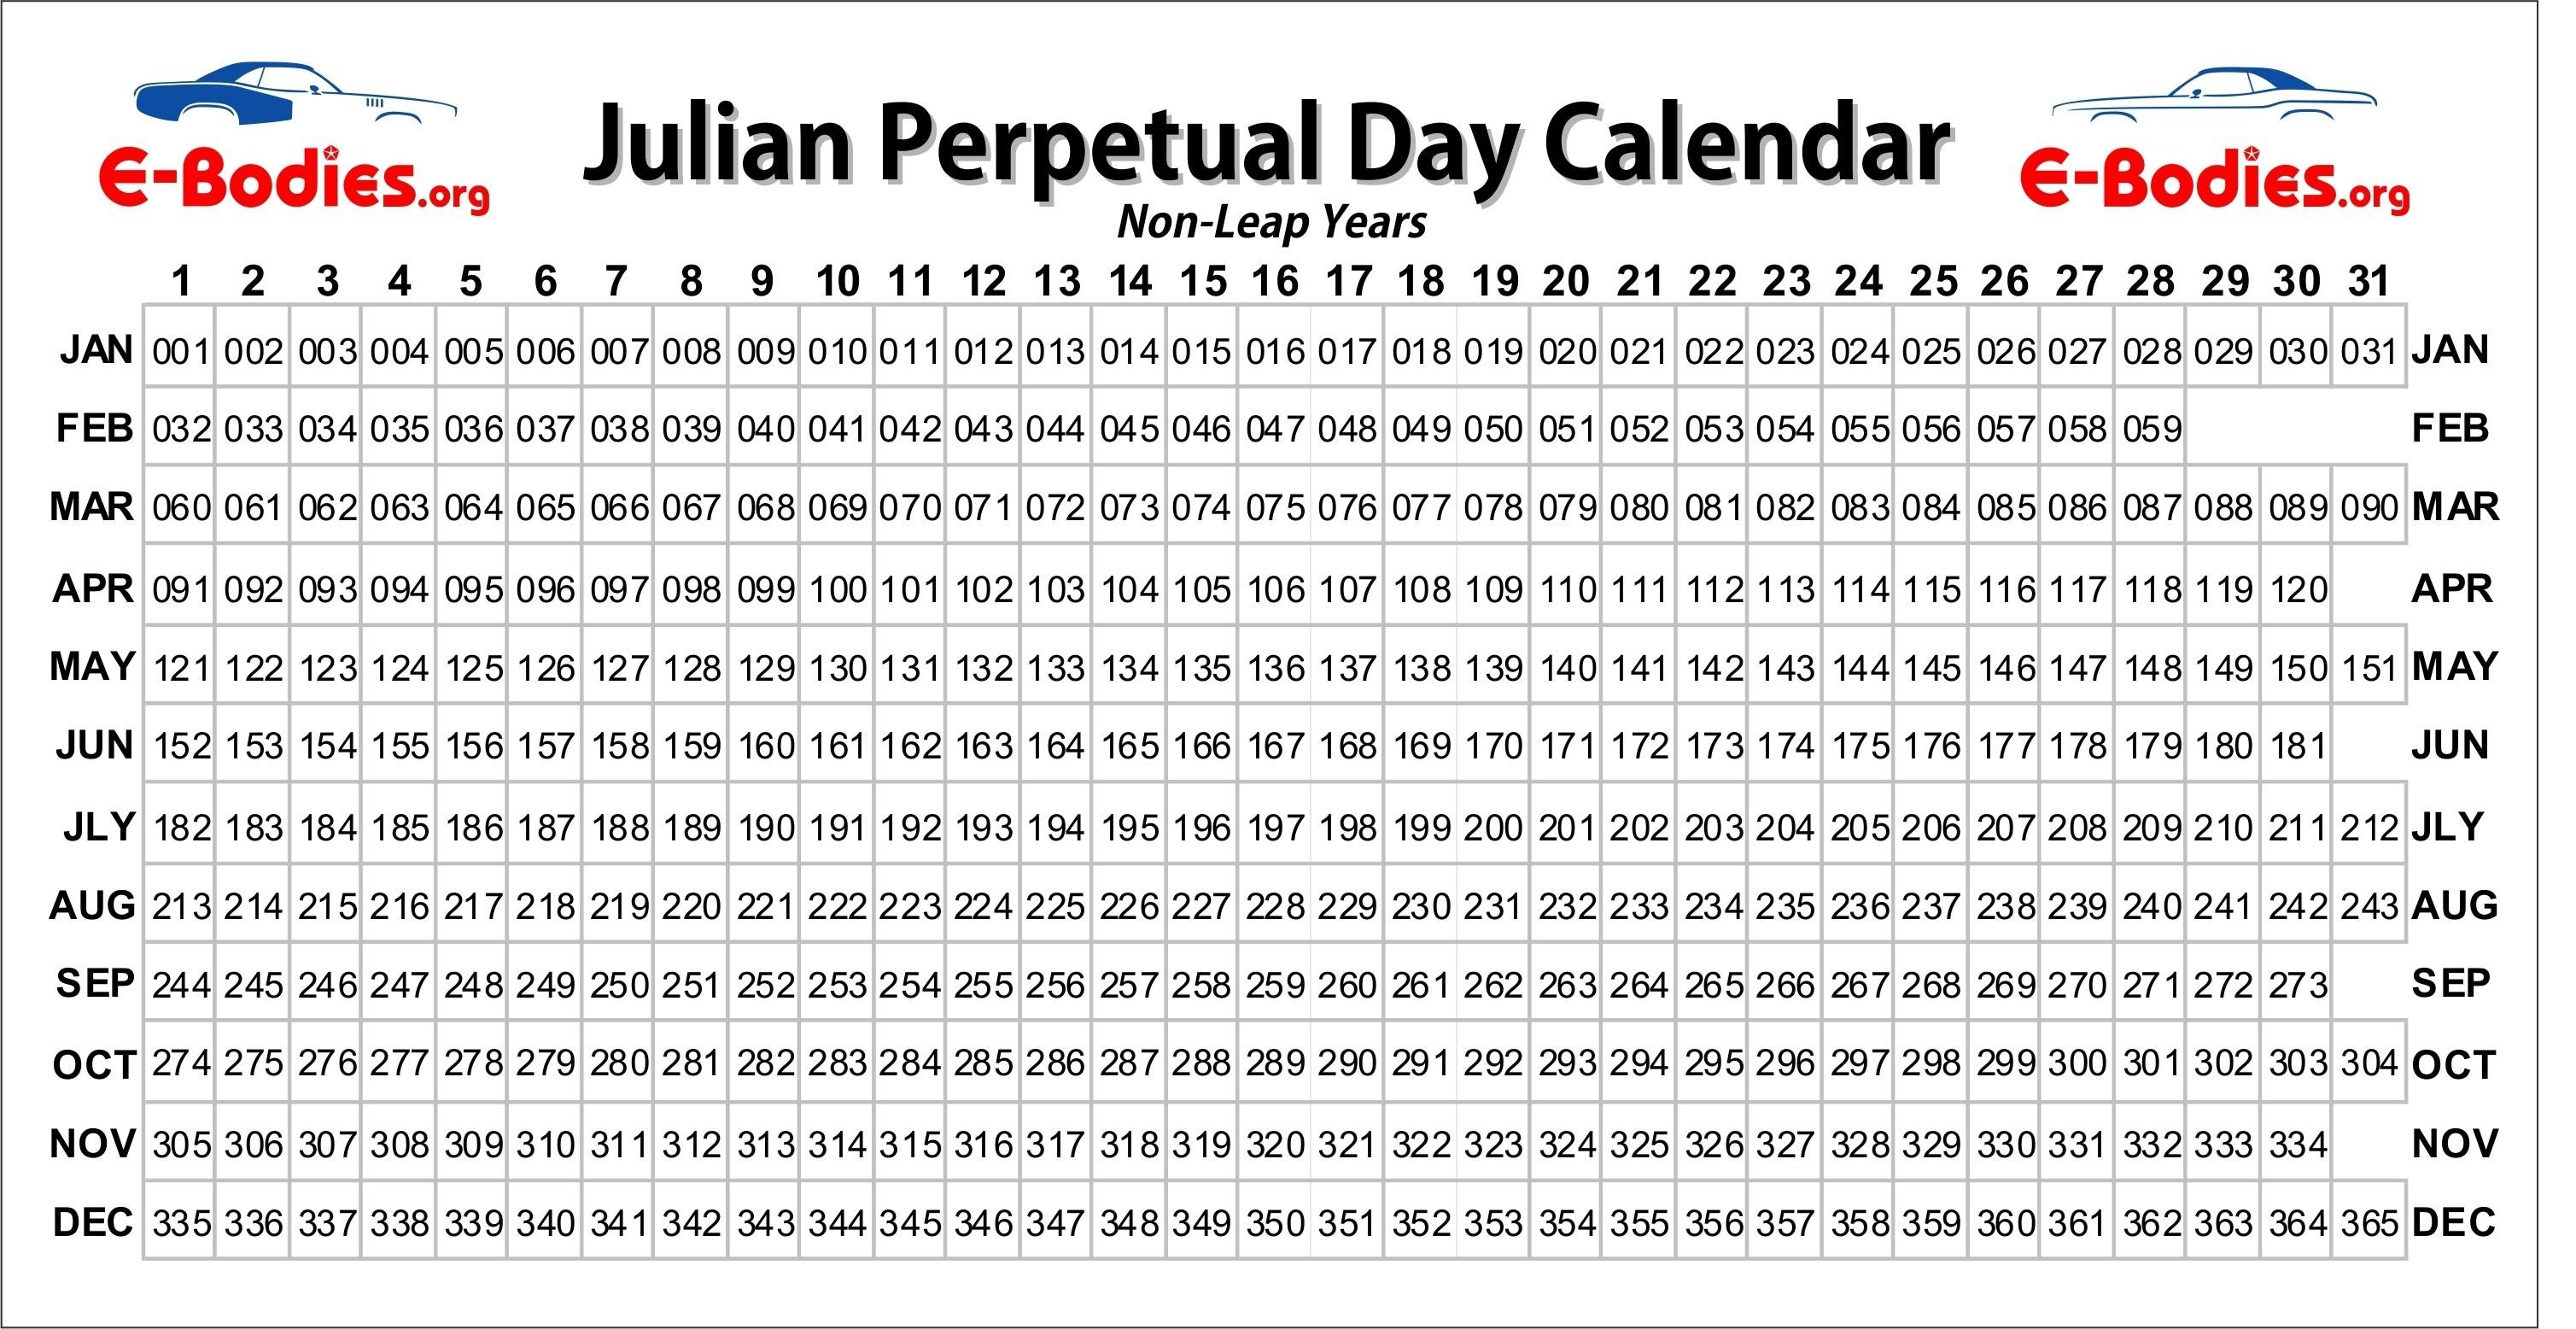 Julian Date Calendar 9 3017X1556 - Bi-Brucker-Holz.de Frisch  Military Julian Date Calendar 2020